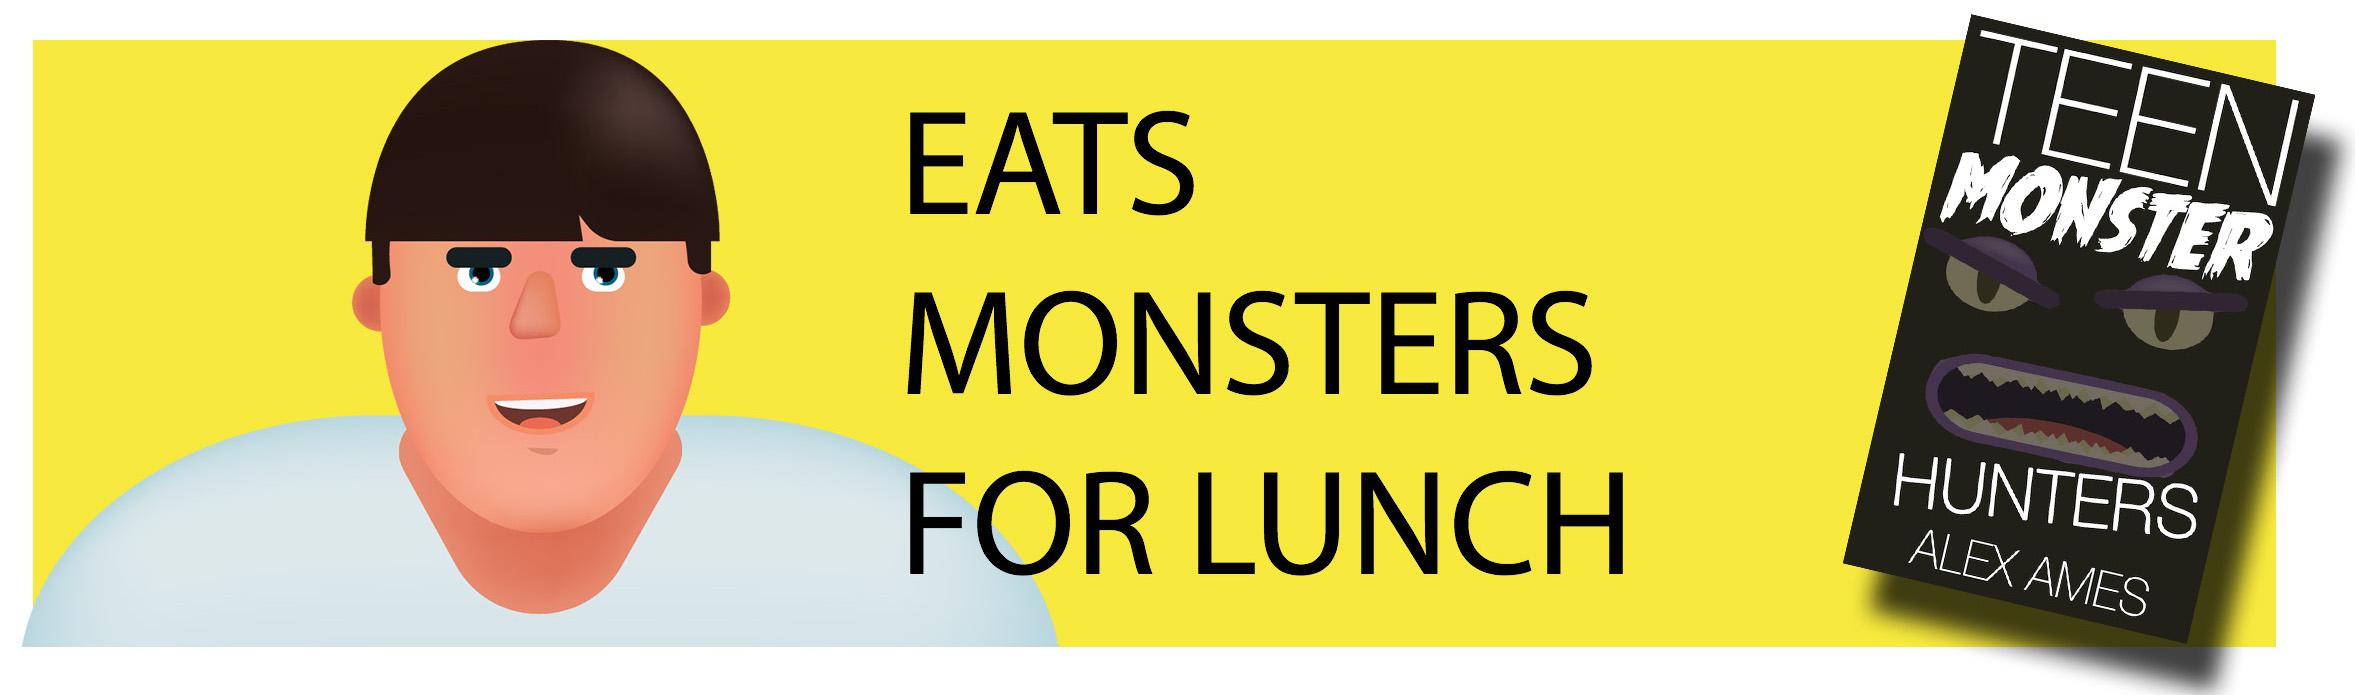 Moe Banner Eats Monsters 1.jpg